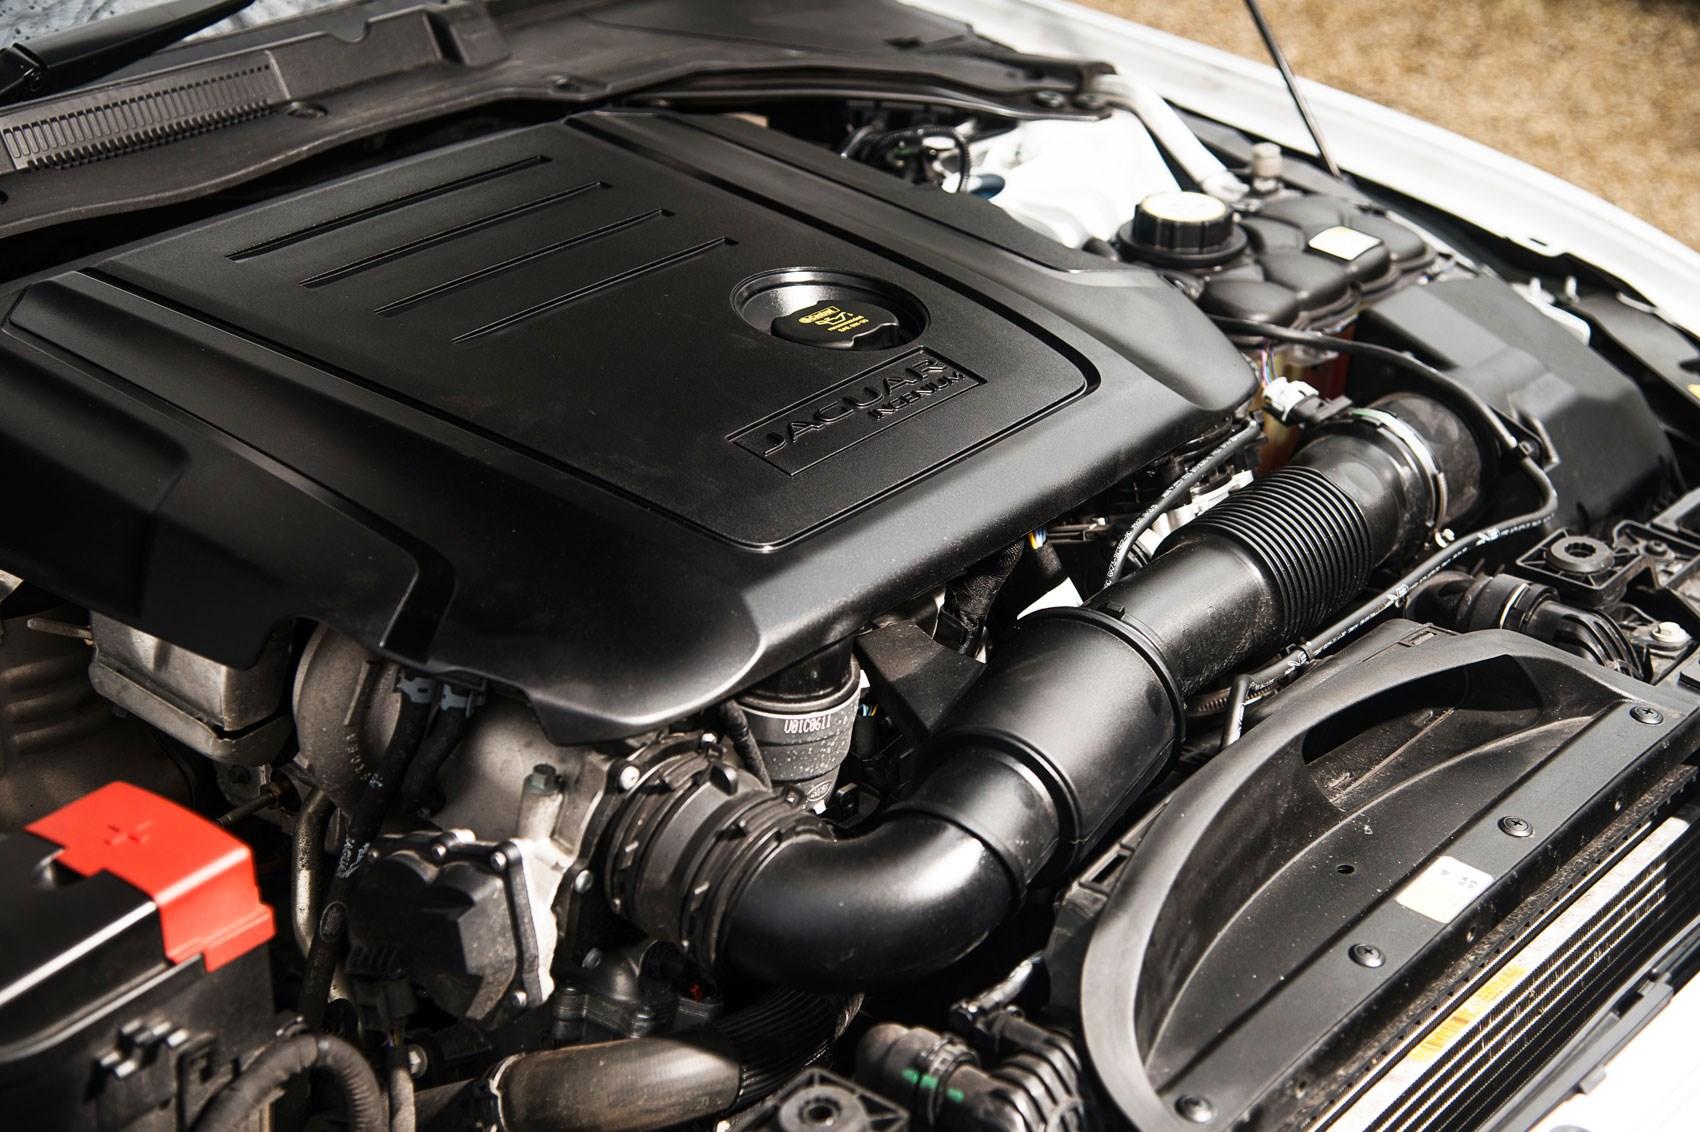 jaguar xe r-sport 2.0 (2017) long-term test review | car magazine